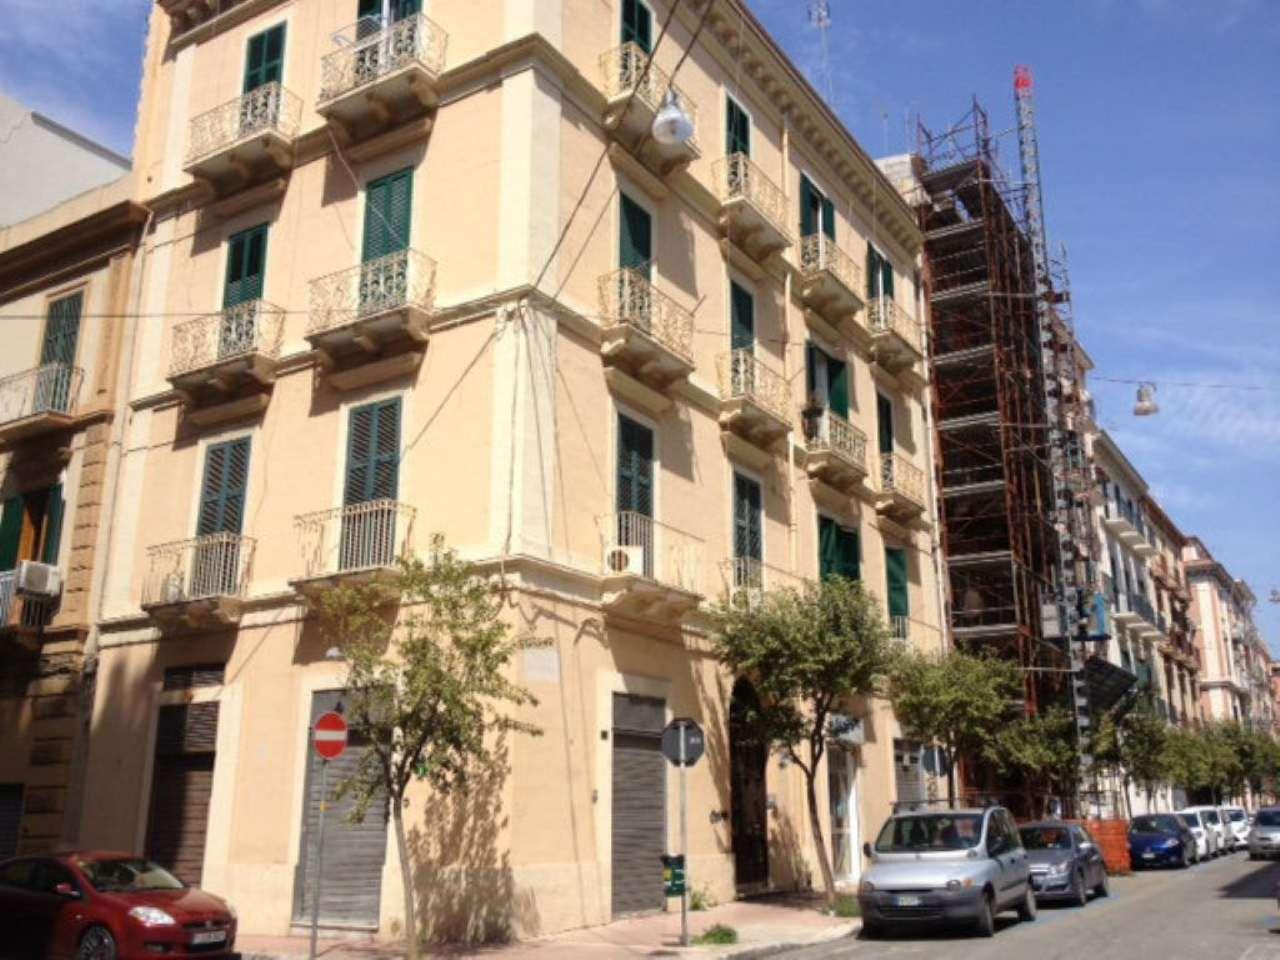 Appartamento in vendita a Taranto, 9999 locali, prezzo € 105.000 | CambioCasa.it